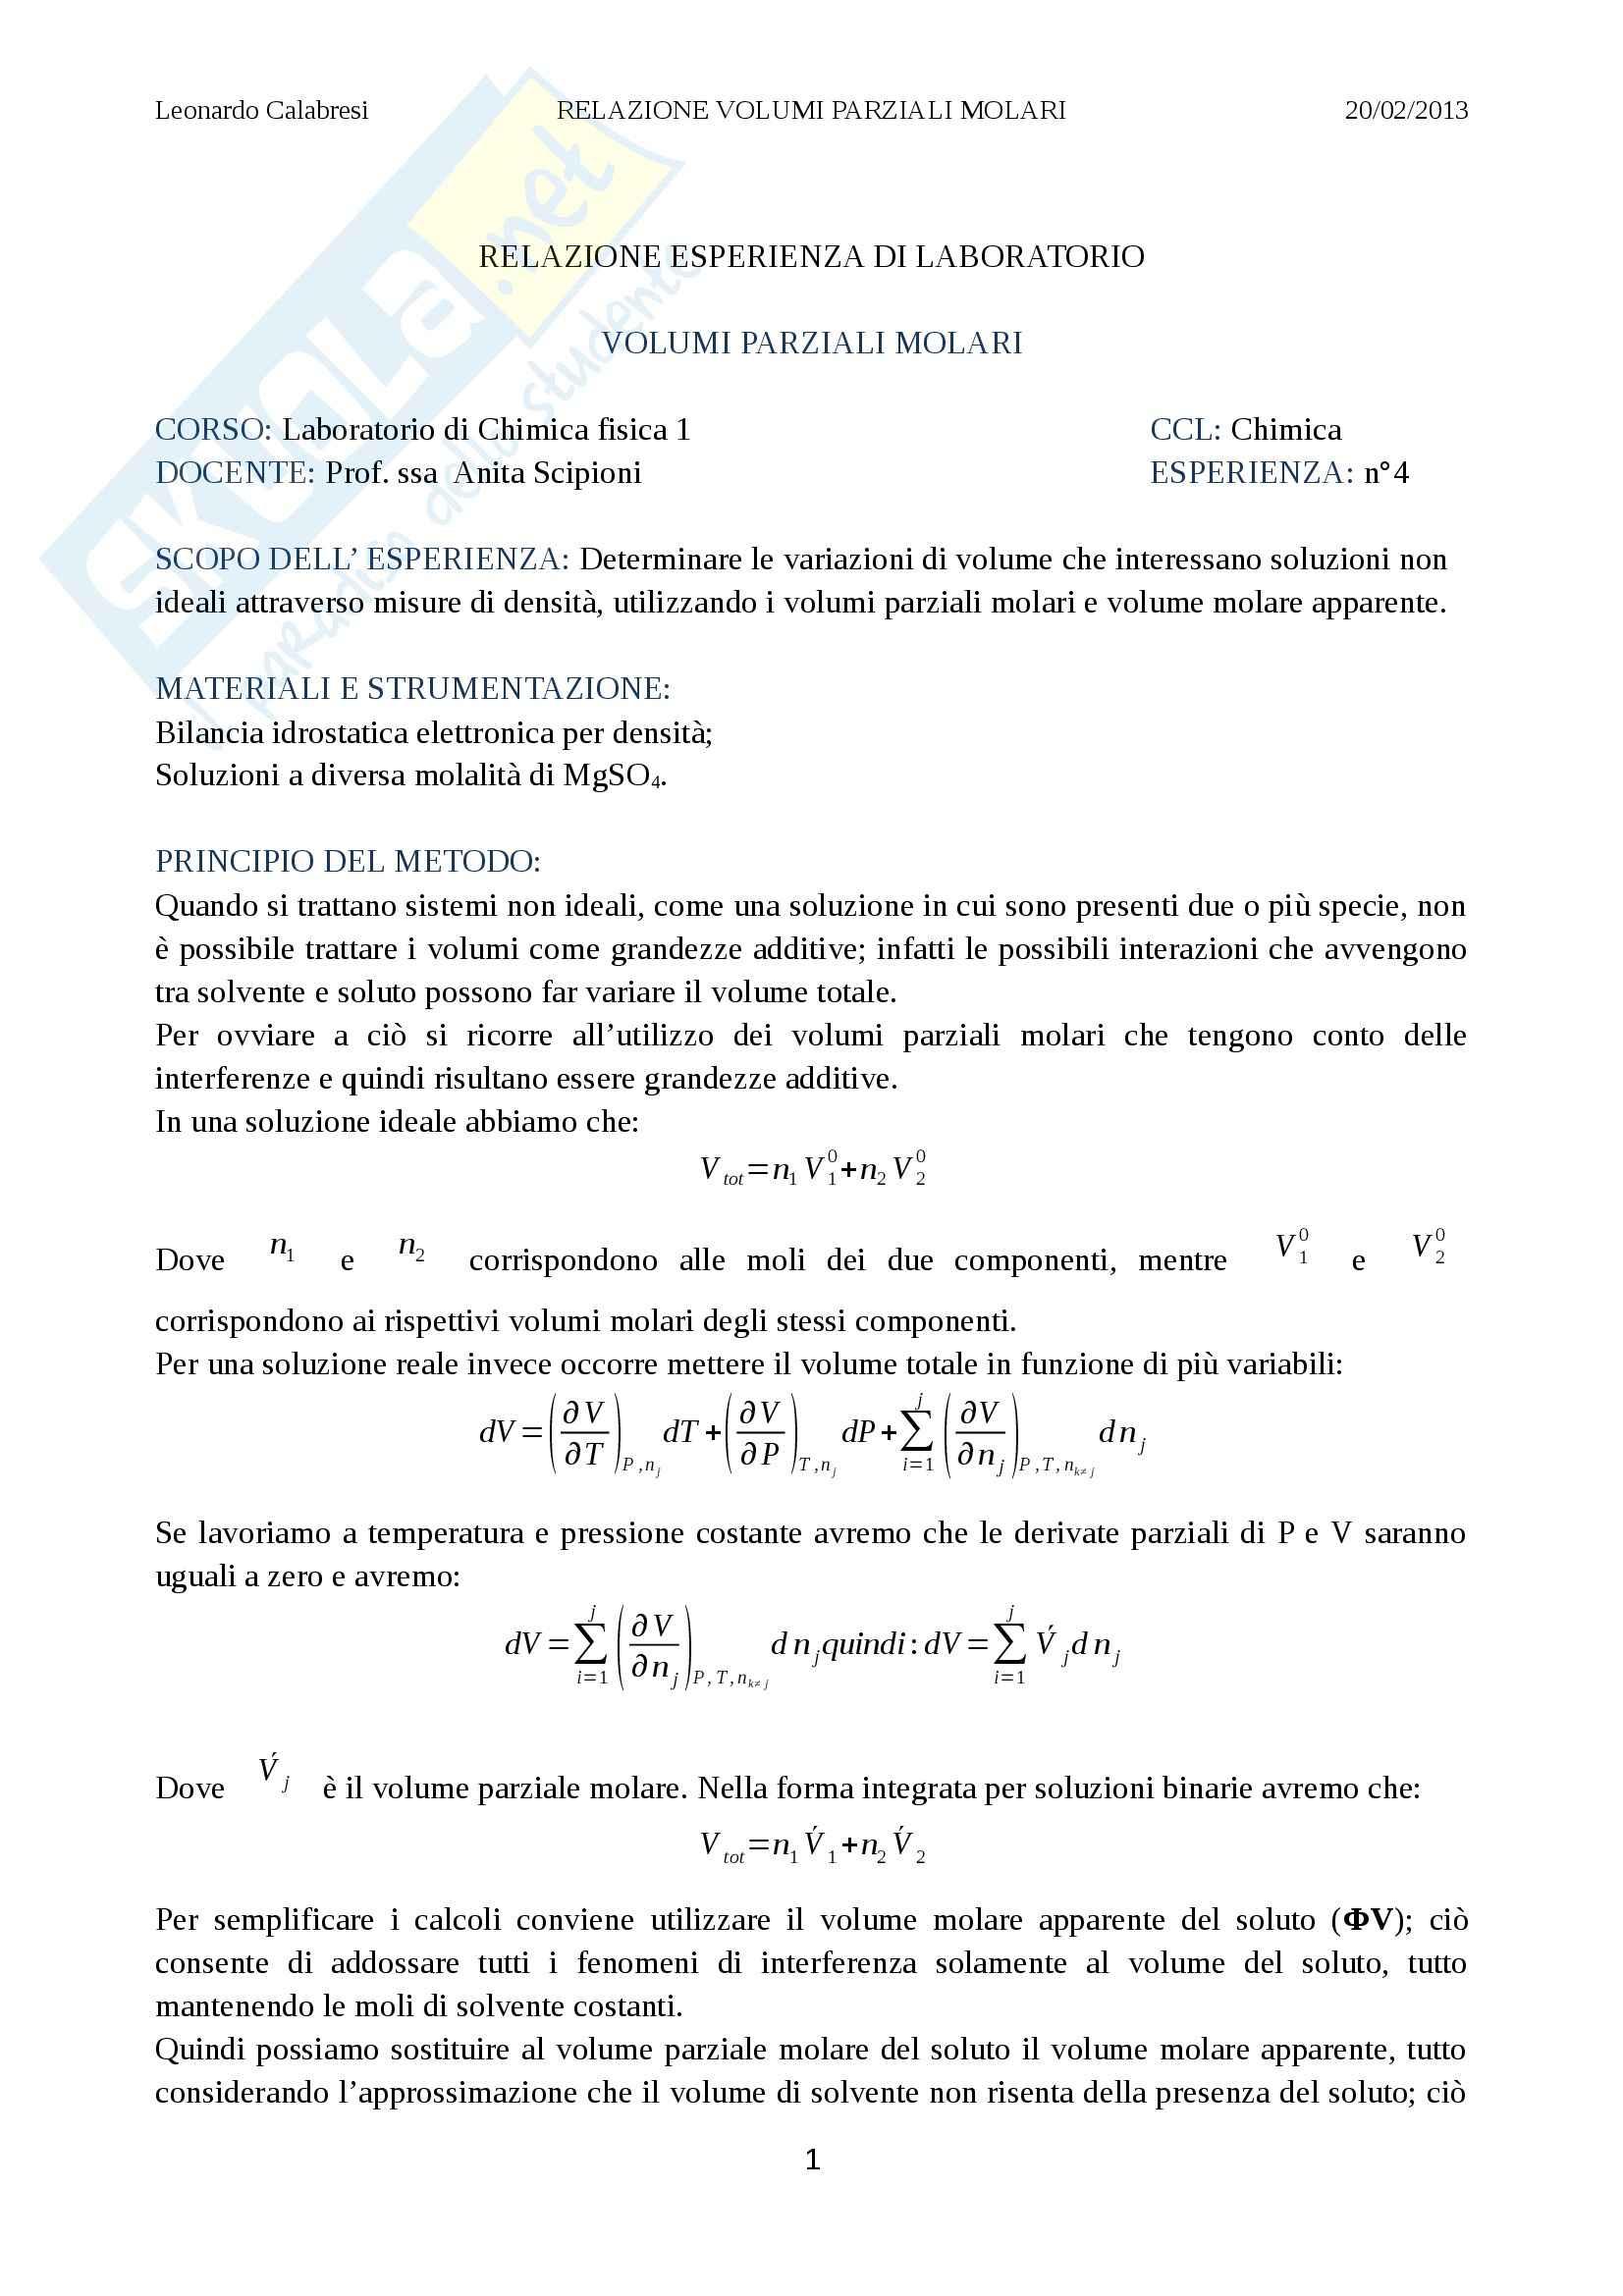 Relazione laboratorio (volumi parziali molari), Chimica fisica